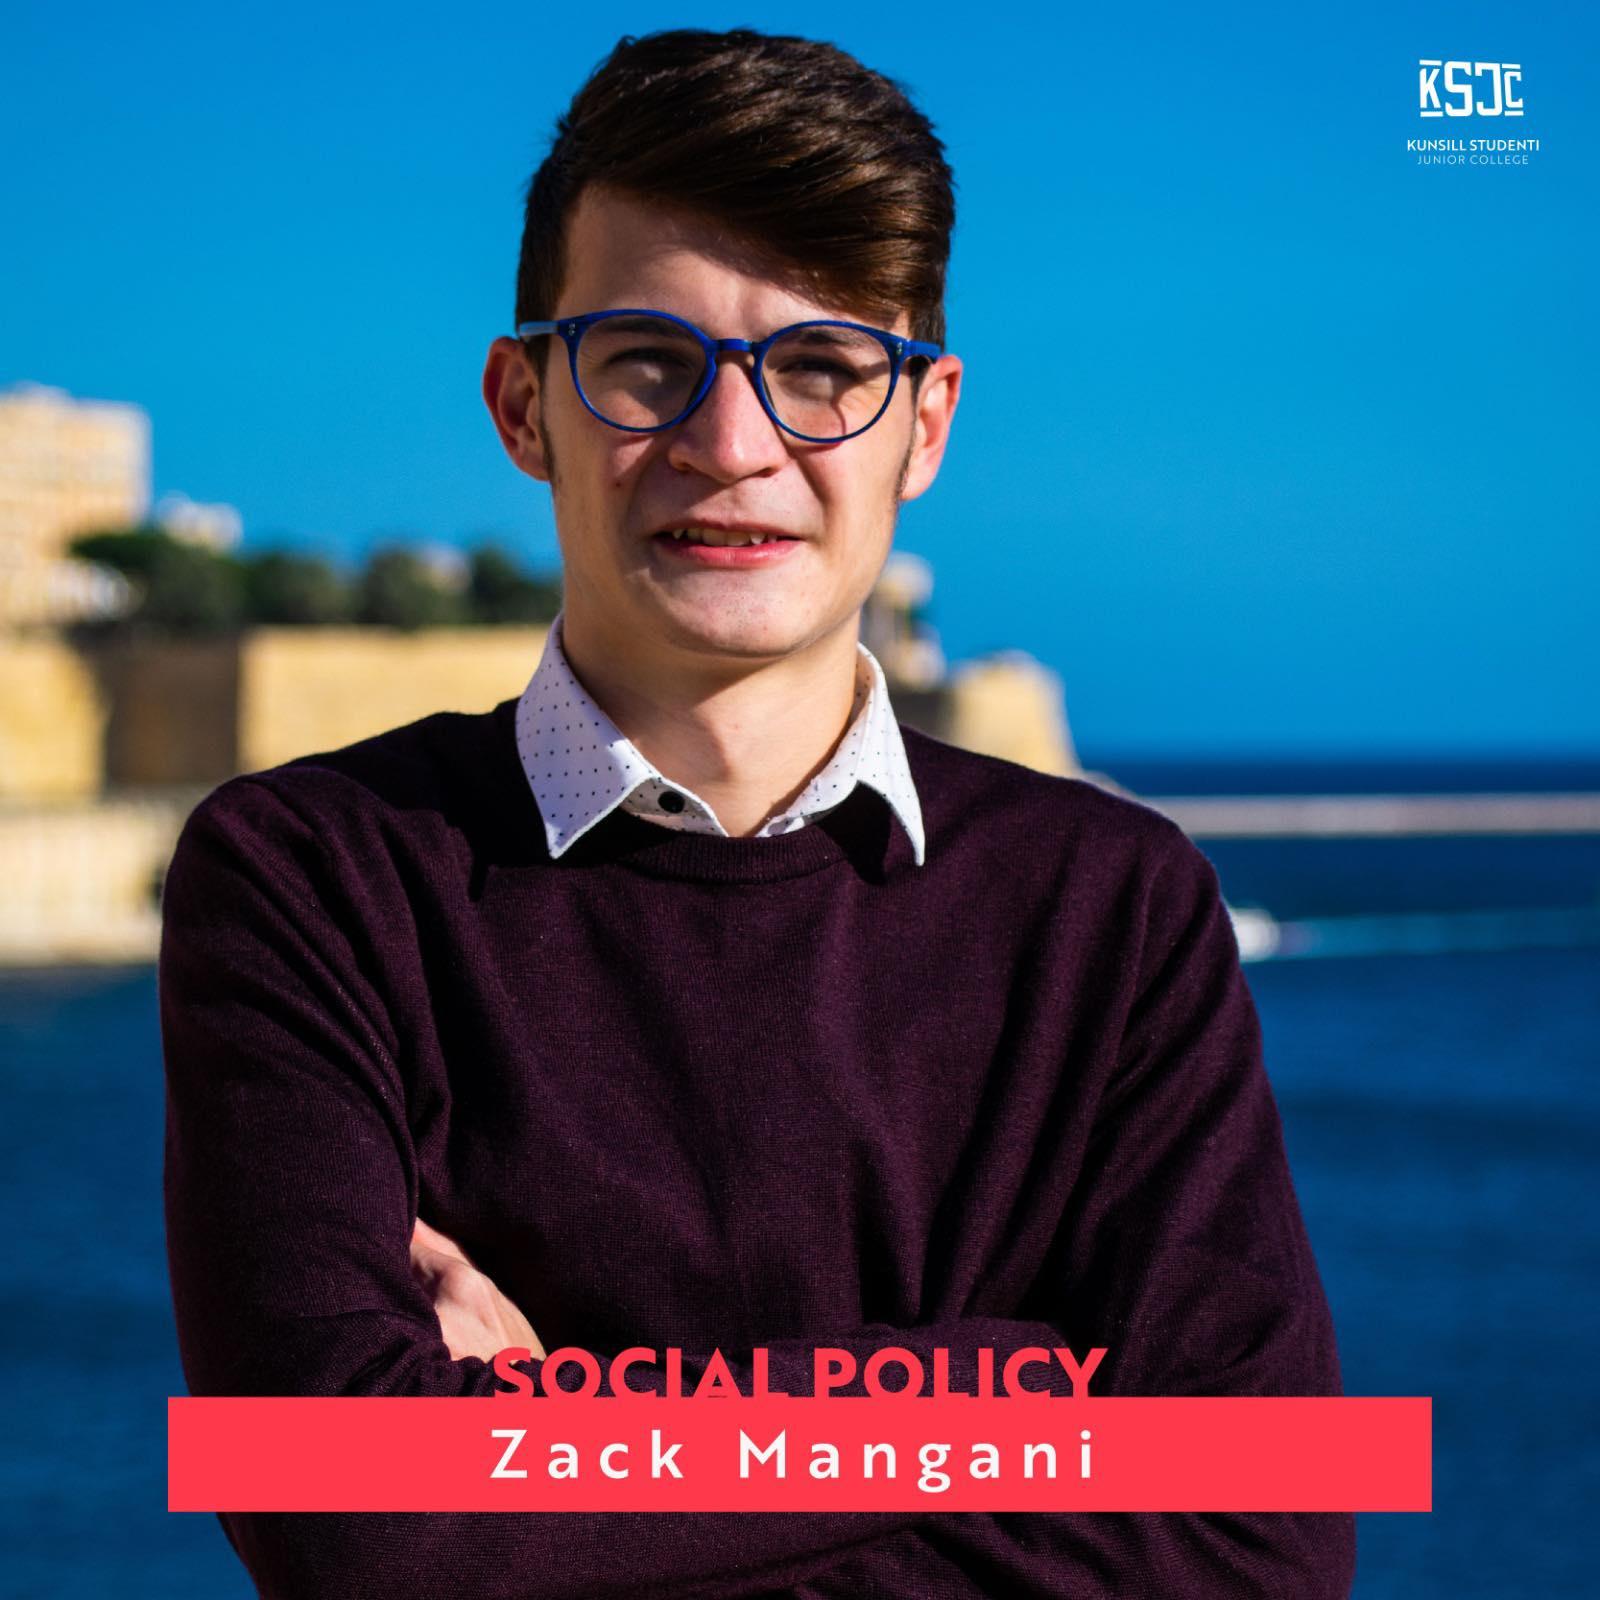 Zack Mangani